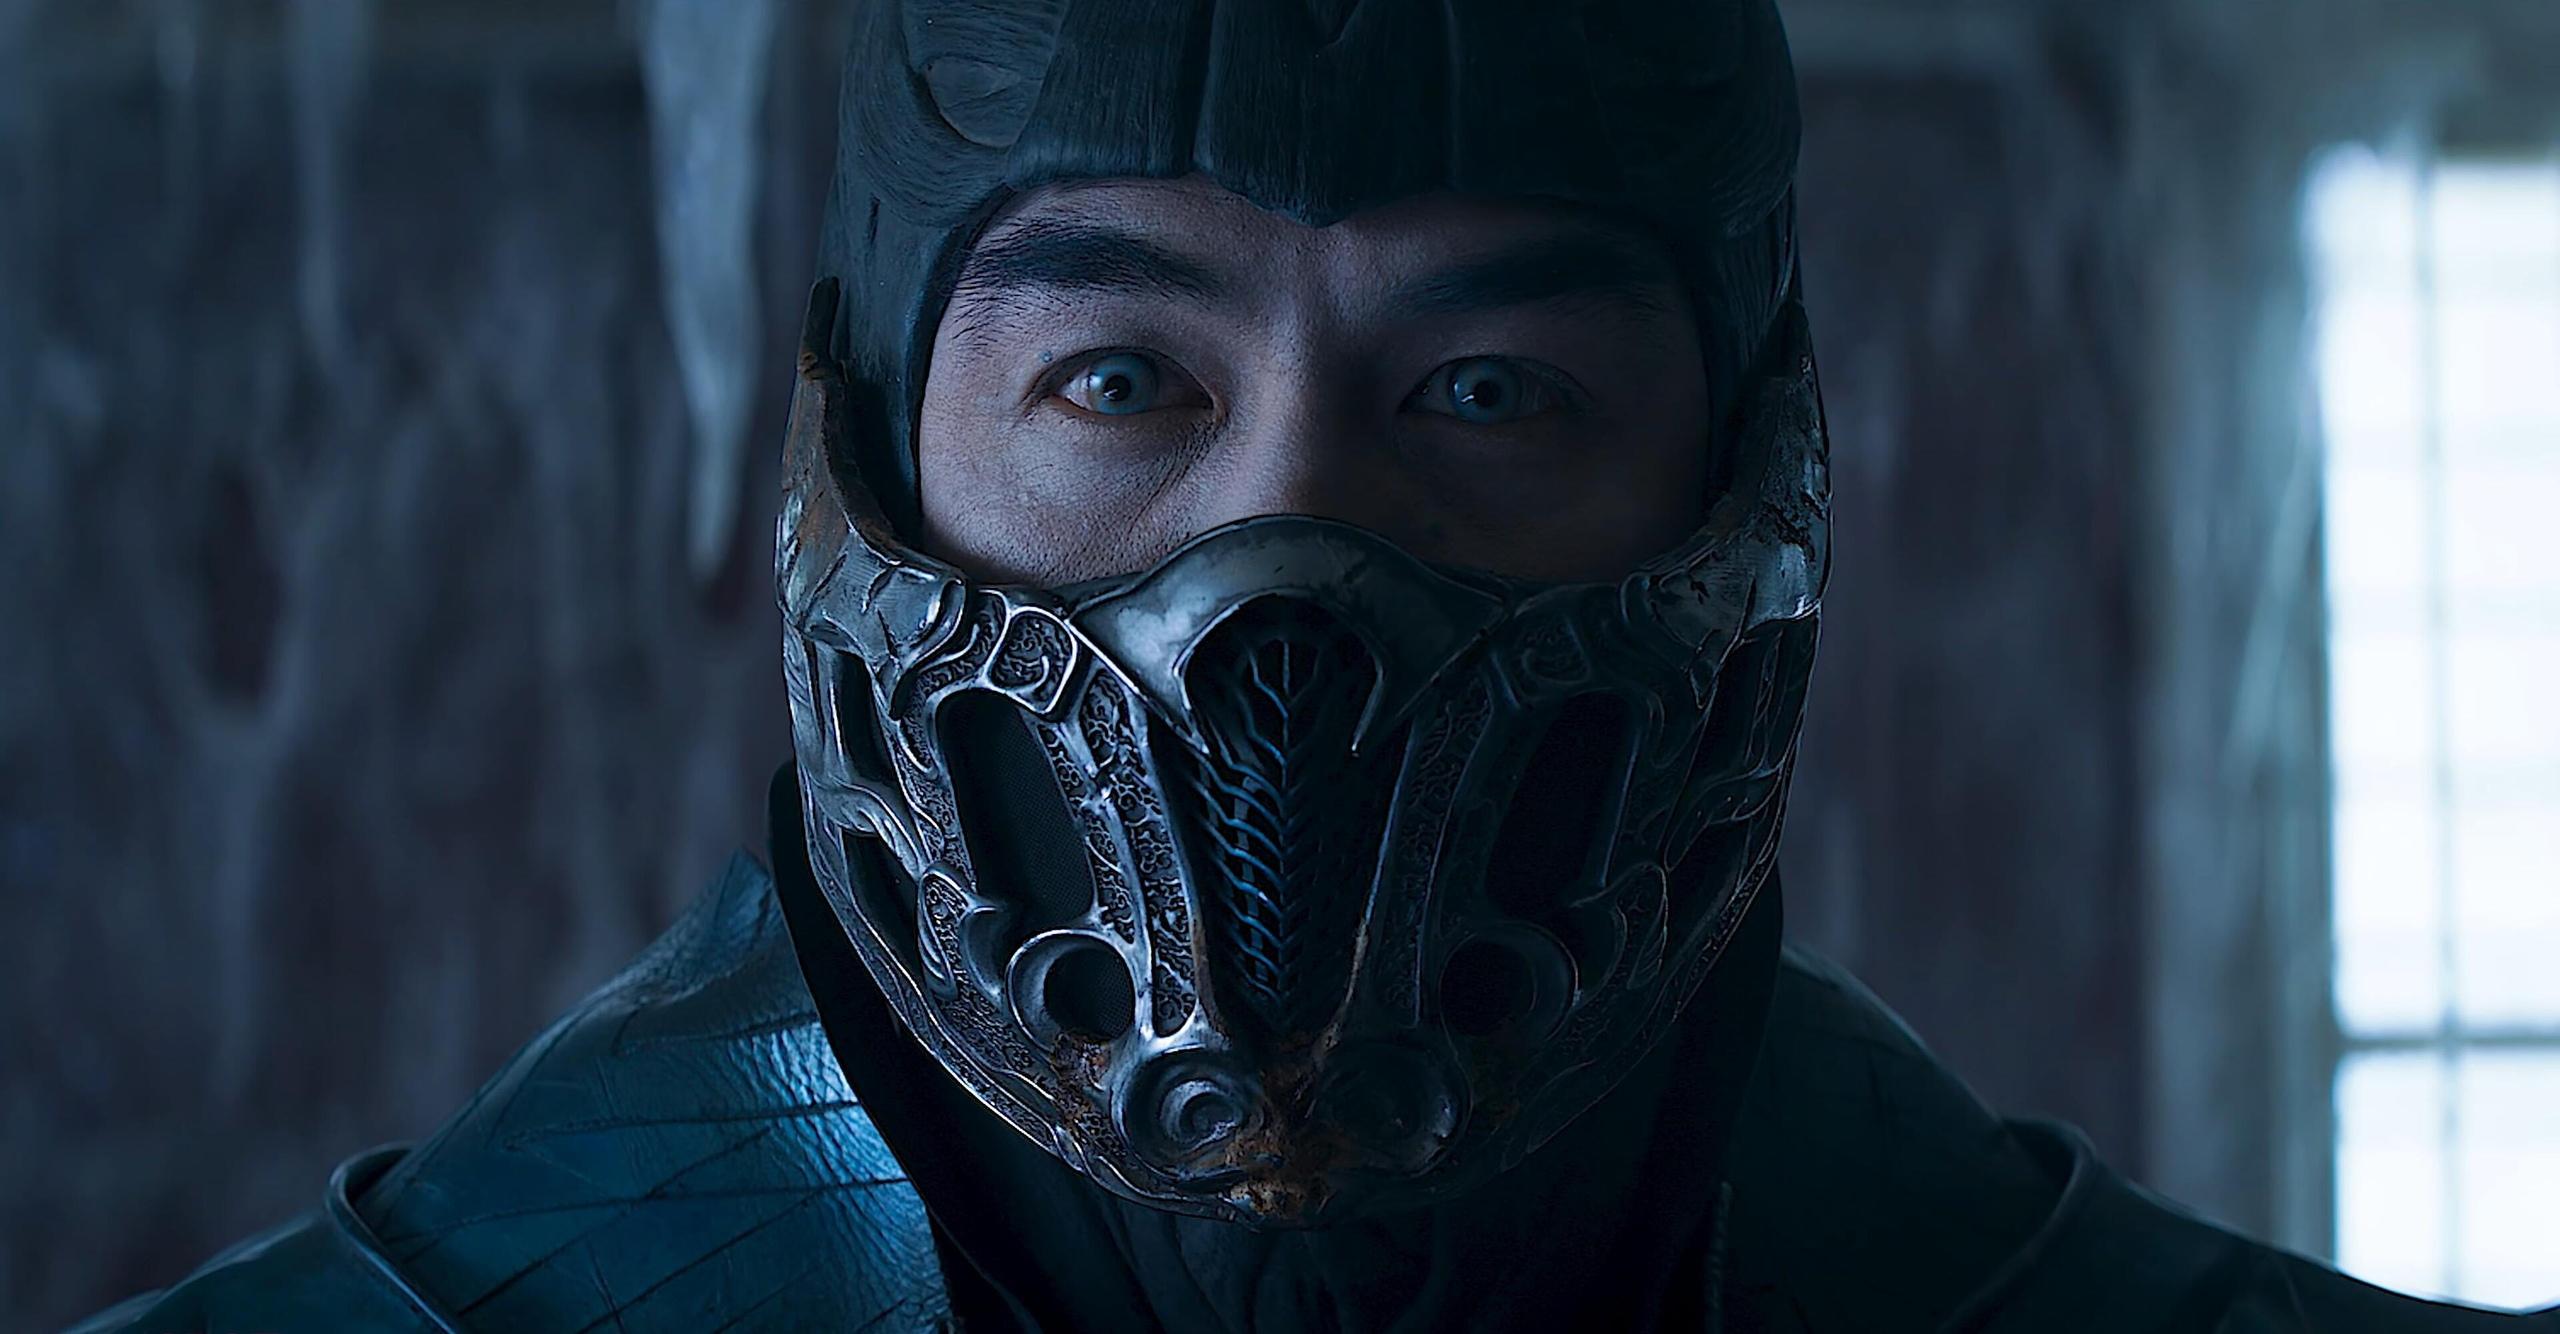 Джо Таслим — исполнитель роли Саб-Зиро в «Мортал Комбате» — рассказал, что подписал контракт на пять фильмов по вселенной.